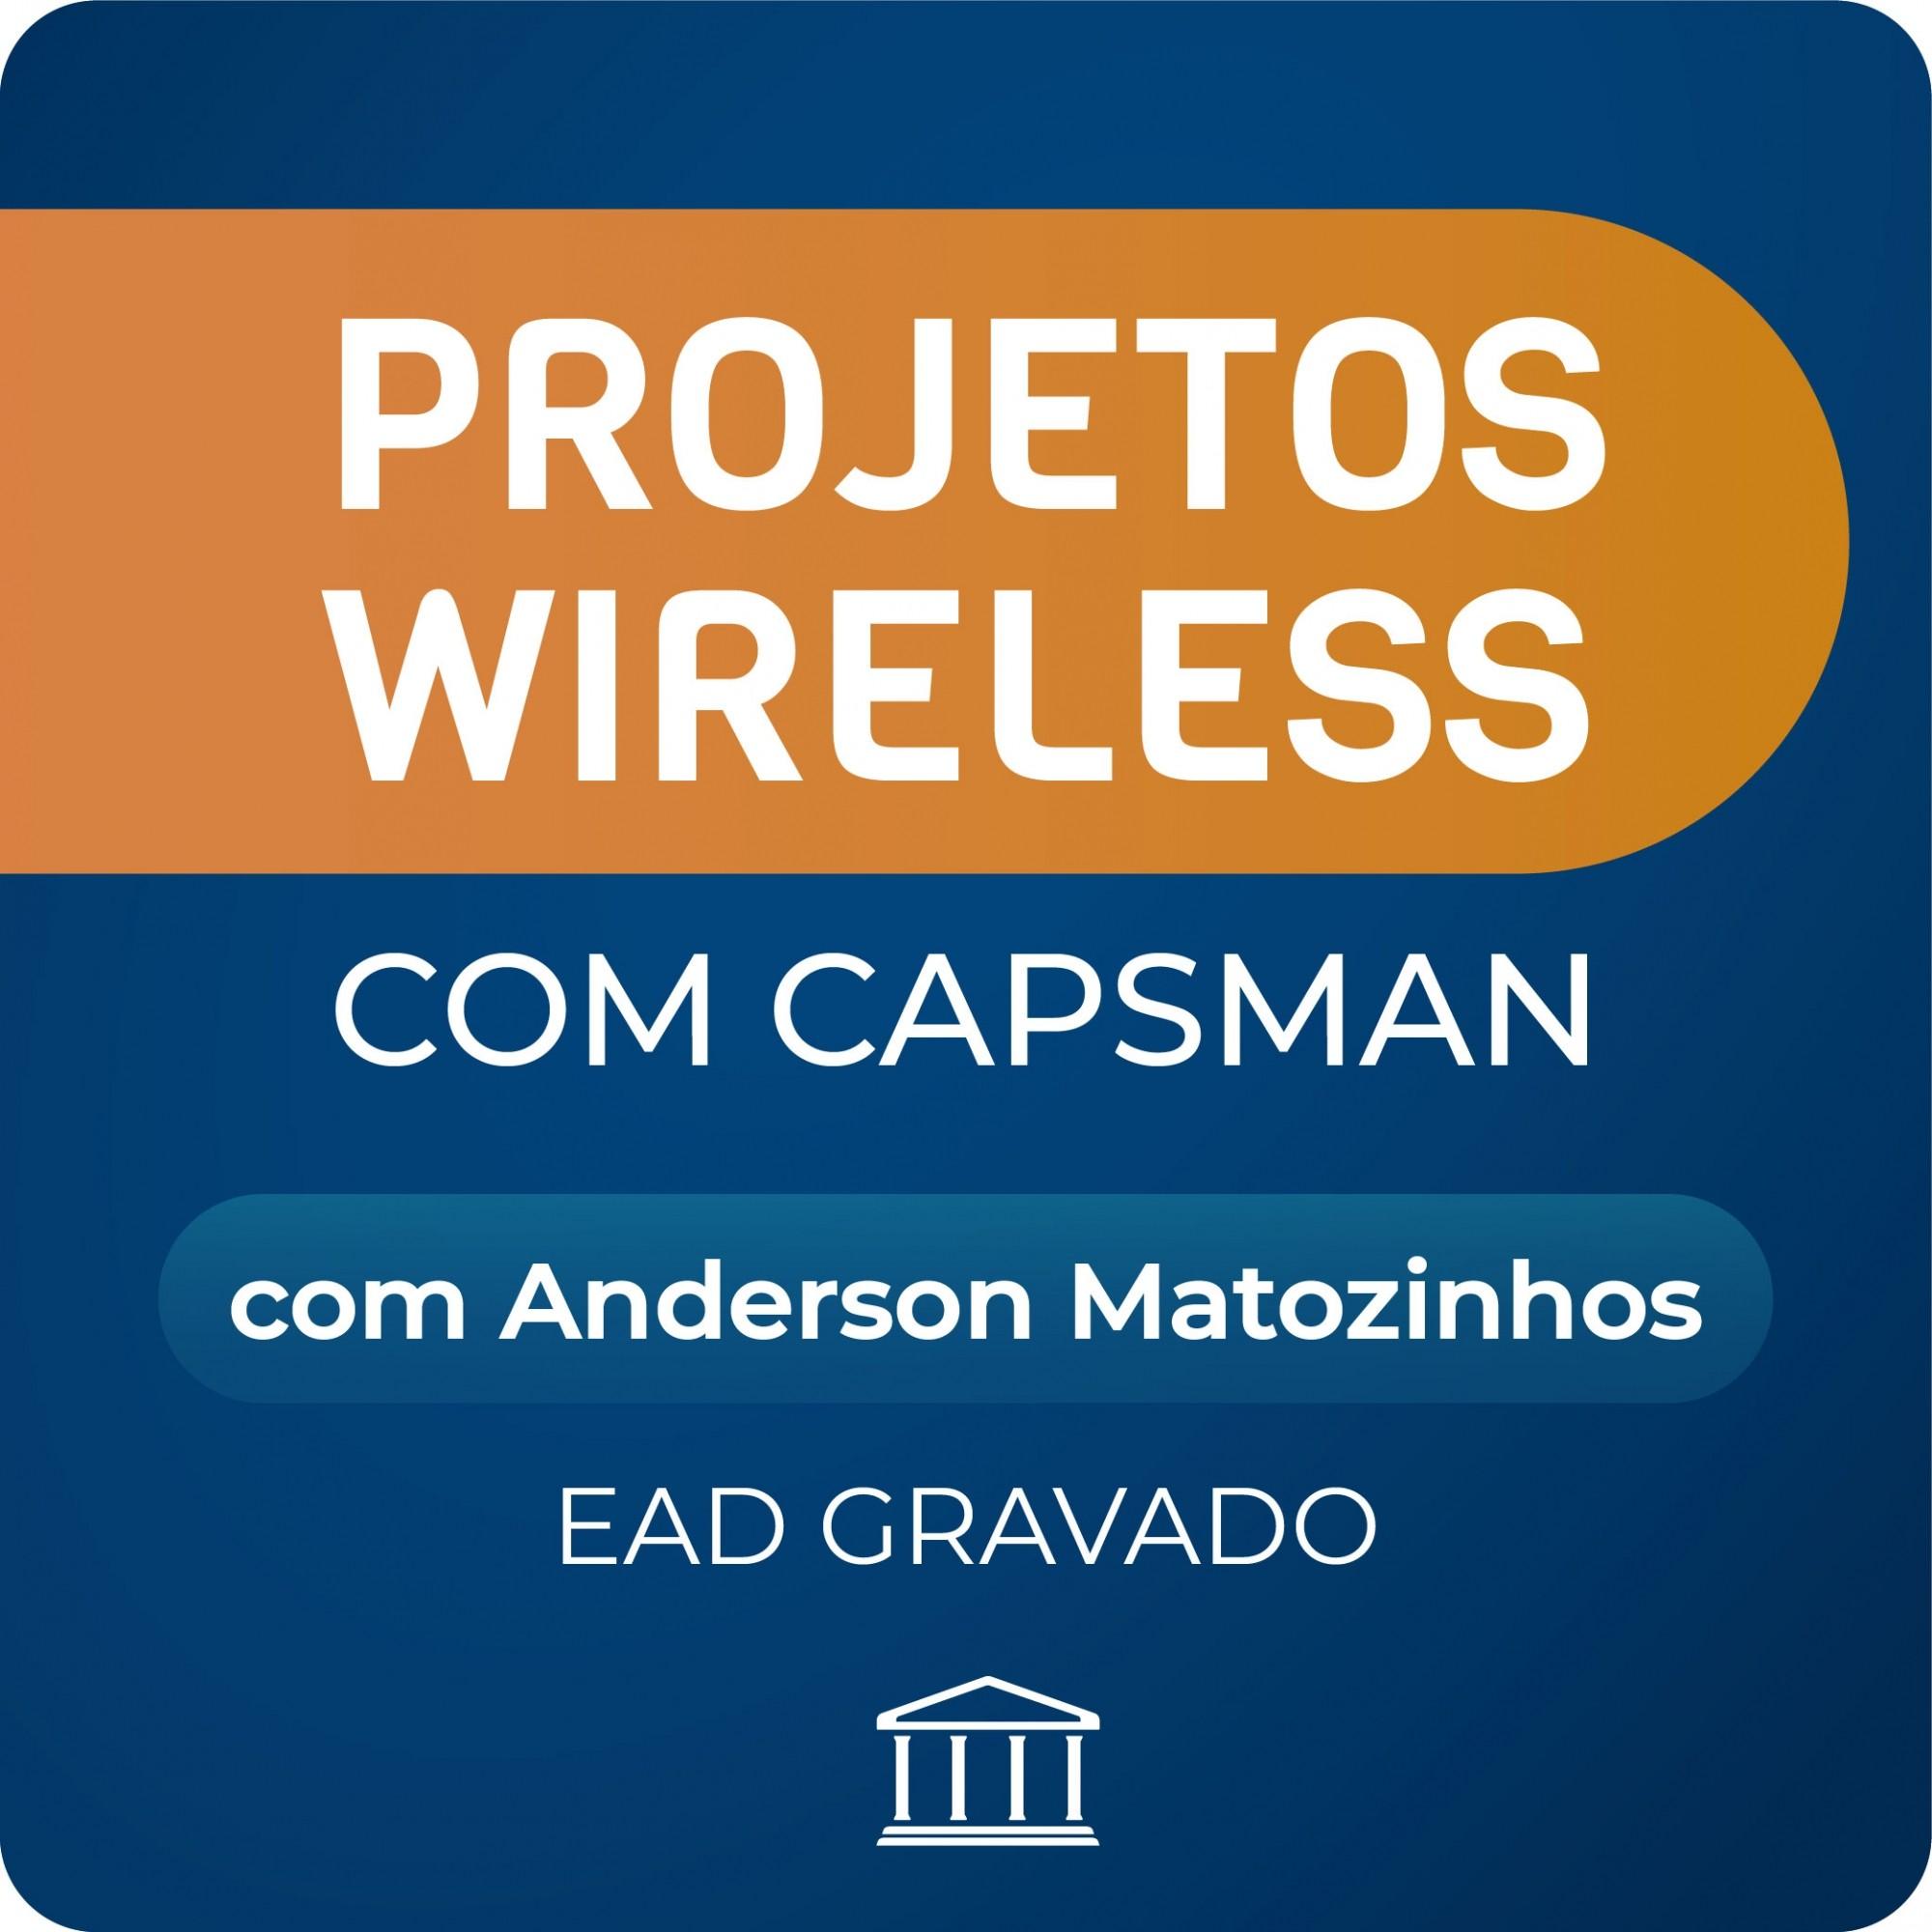 Projetos Wireless com CAPsMAN Anderson Matozinhos - GRAVADO  - Voz e Dados